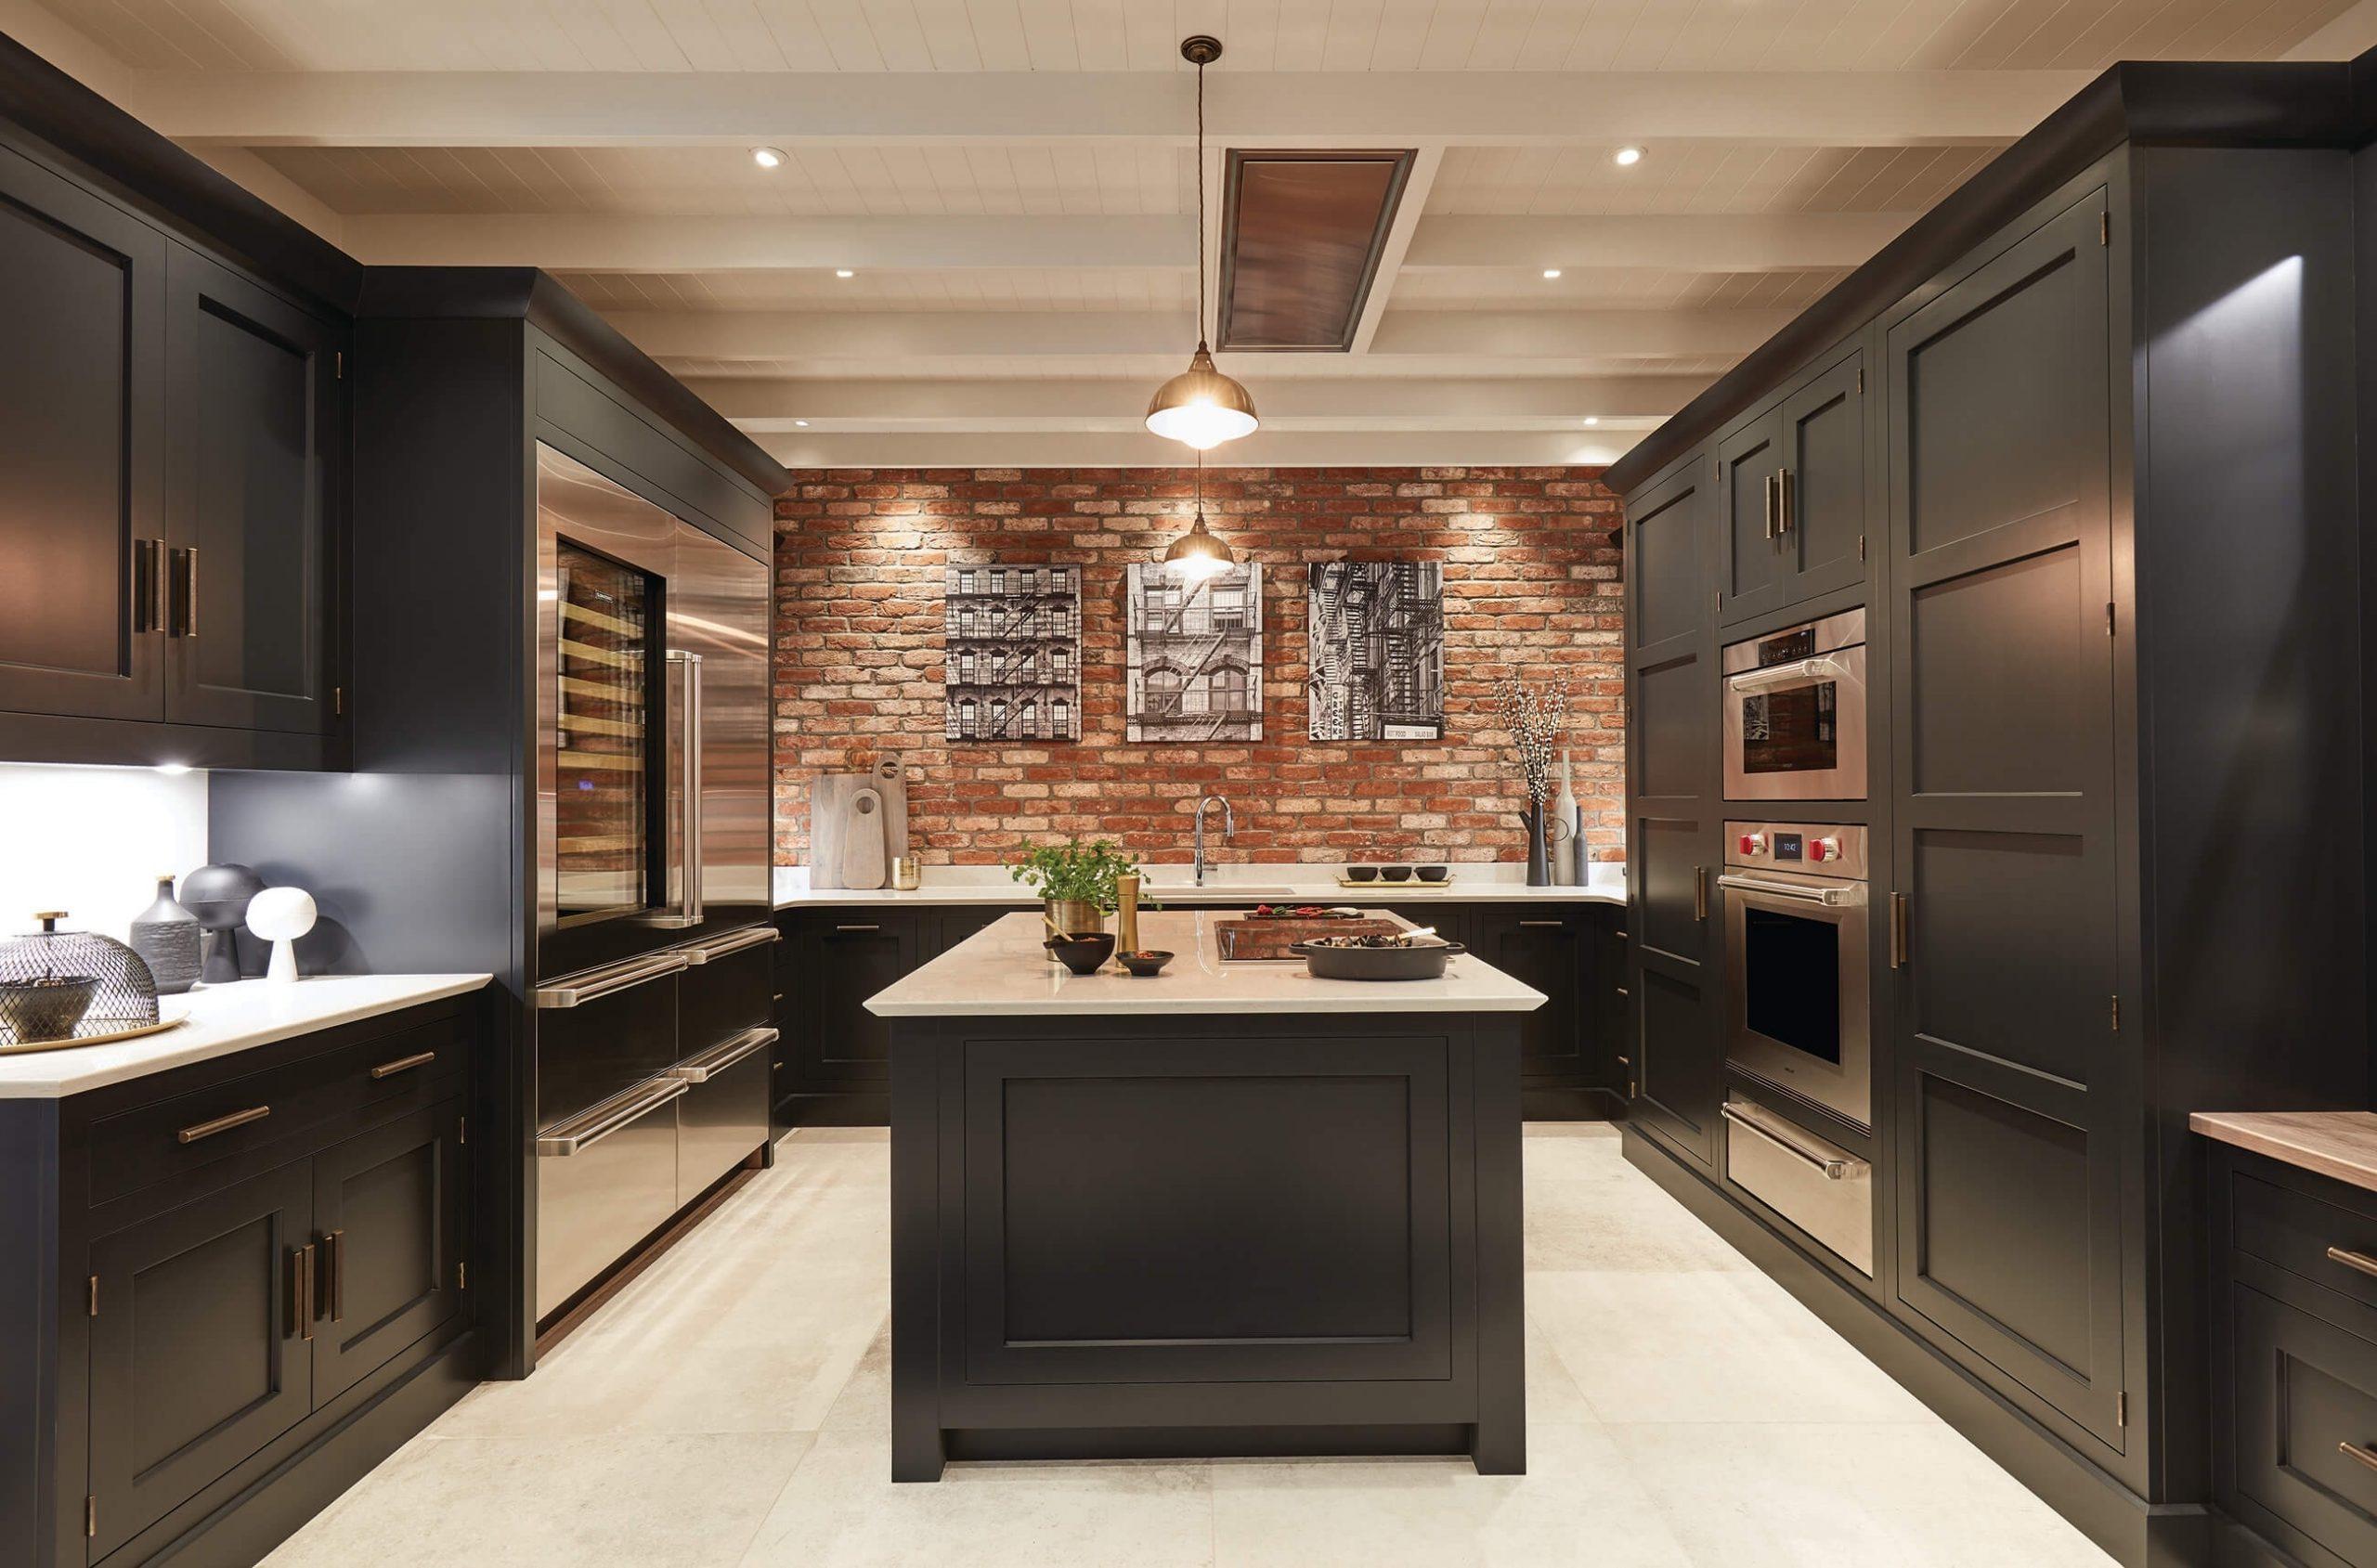 Designer Kitchens | Traditional & Contemporary Kitchens within Kitchen Interior Design In Thrissur